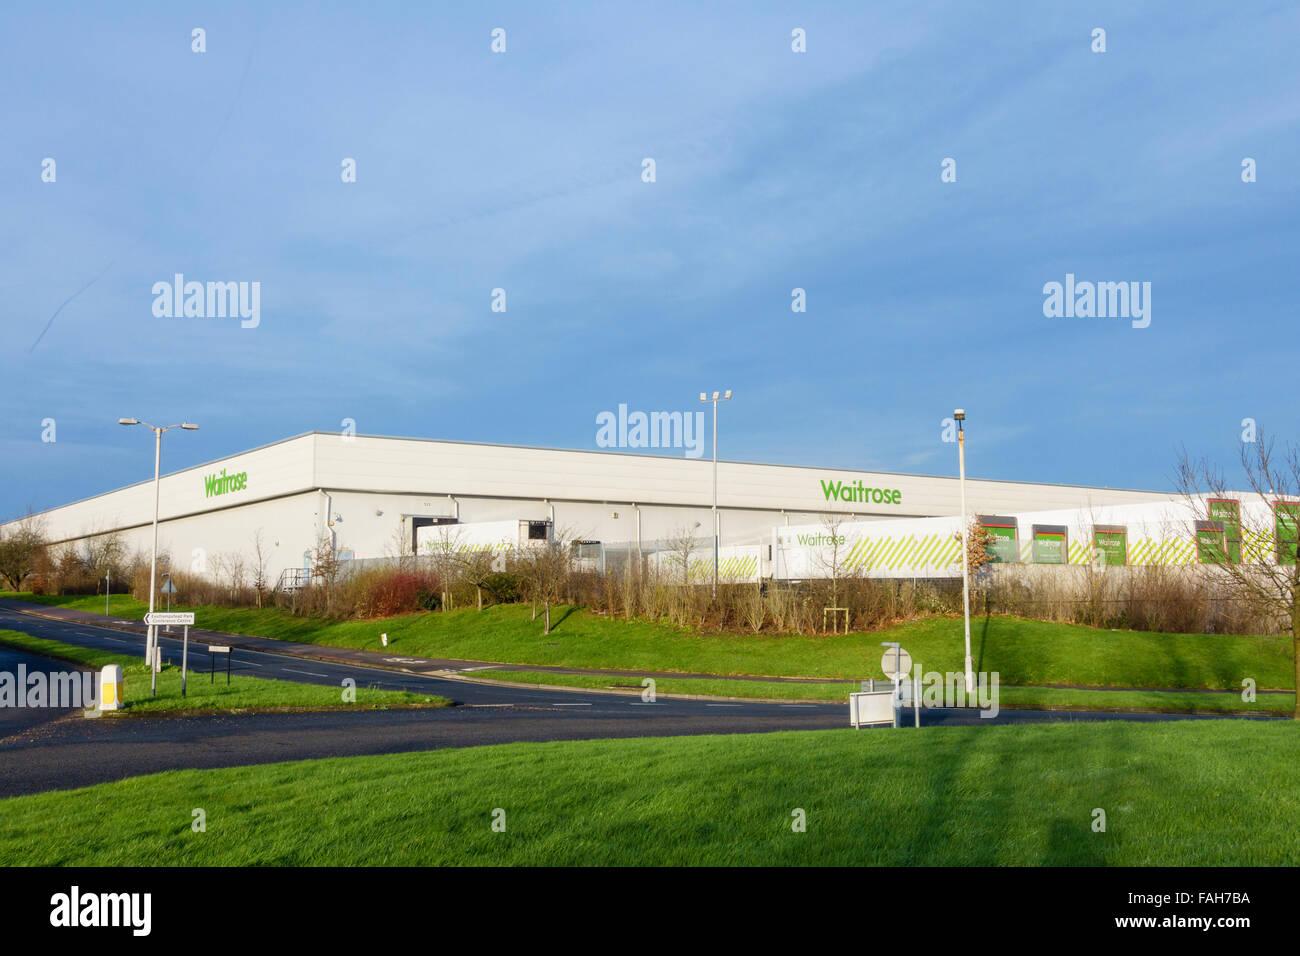 Entrepôt de distribution Waitrose au siège avec des camions de livraison. Zone Industrielle Sud Bracknell Photo Stock